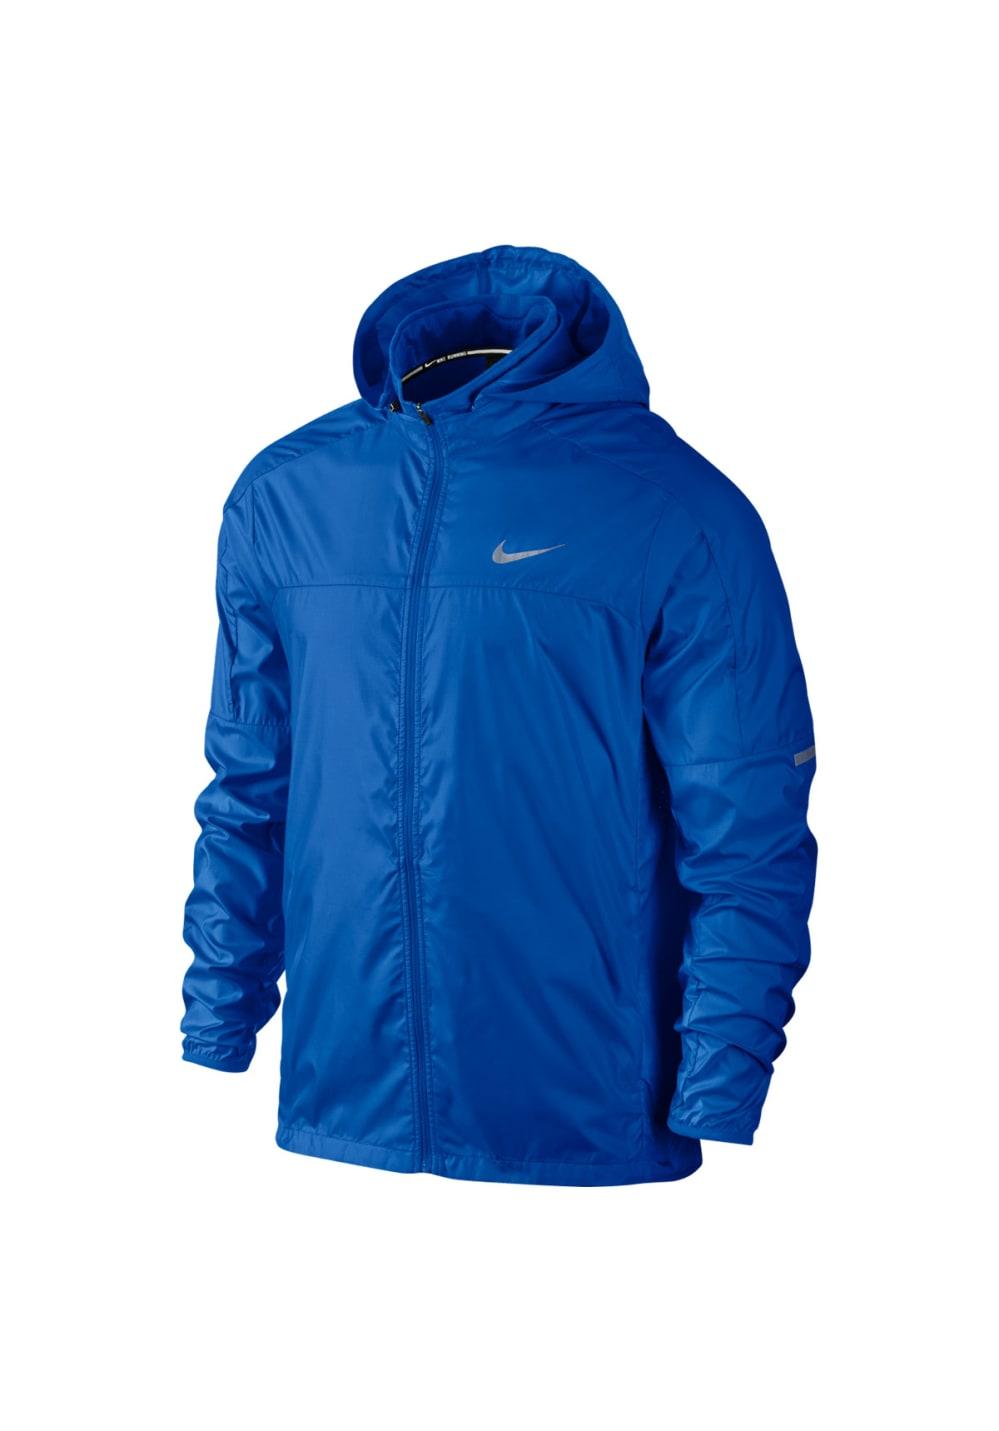 Nike Vapor Running Jacket Running Jackets For Men Blue